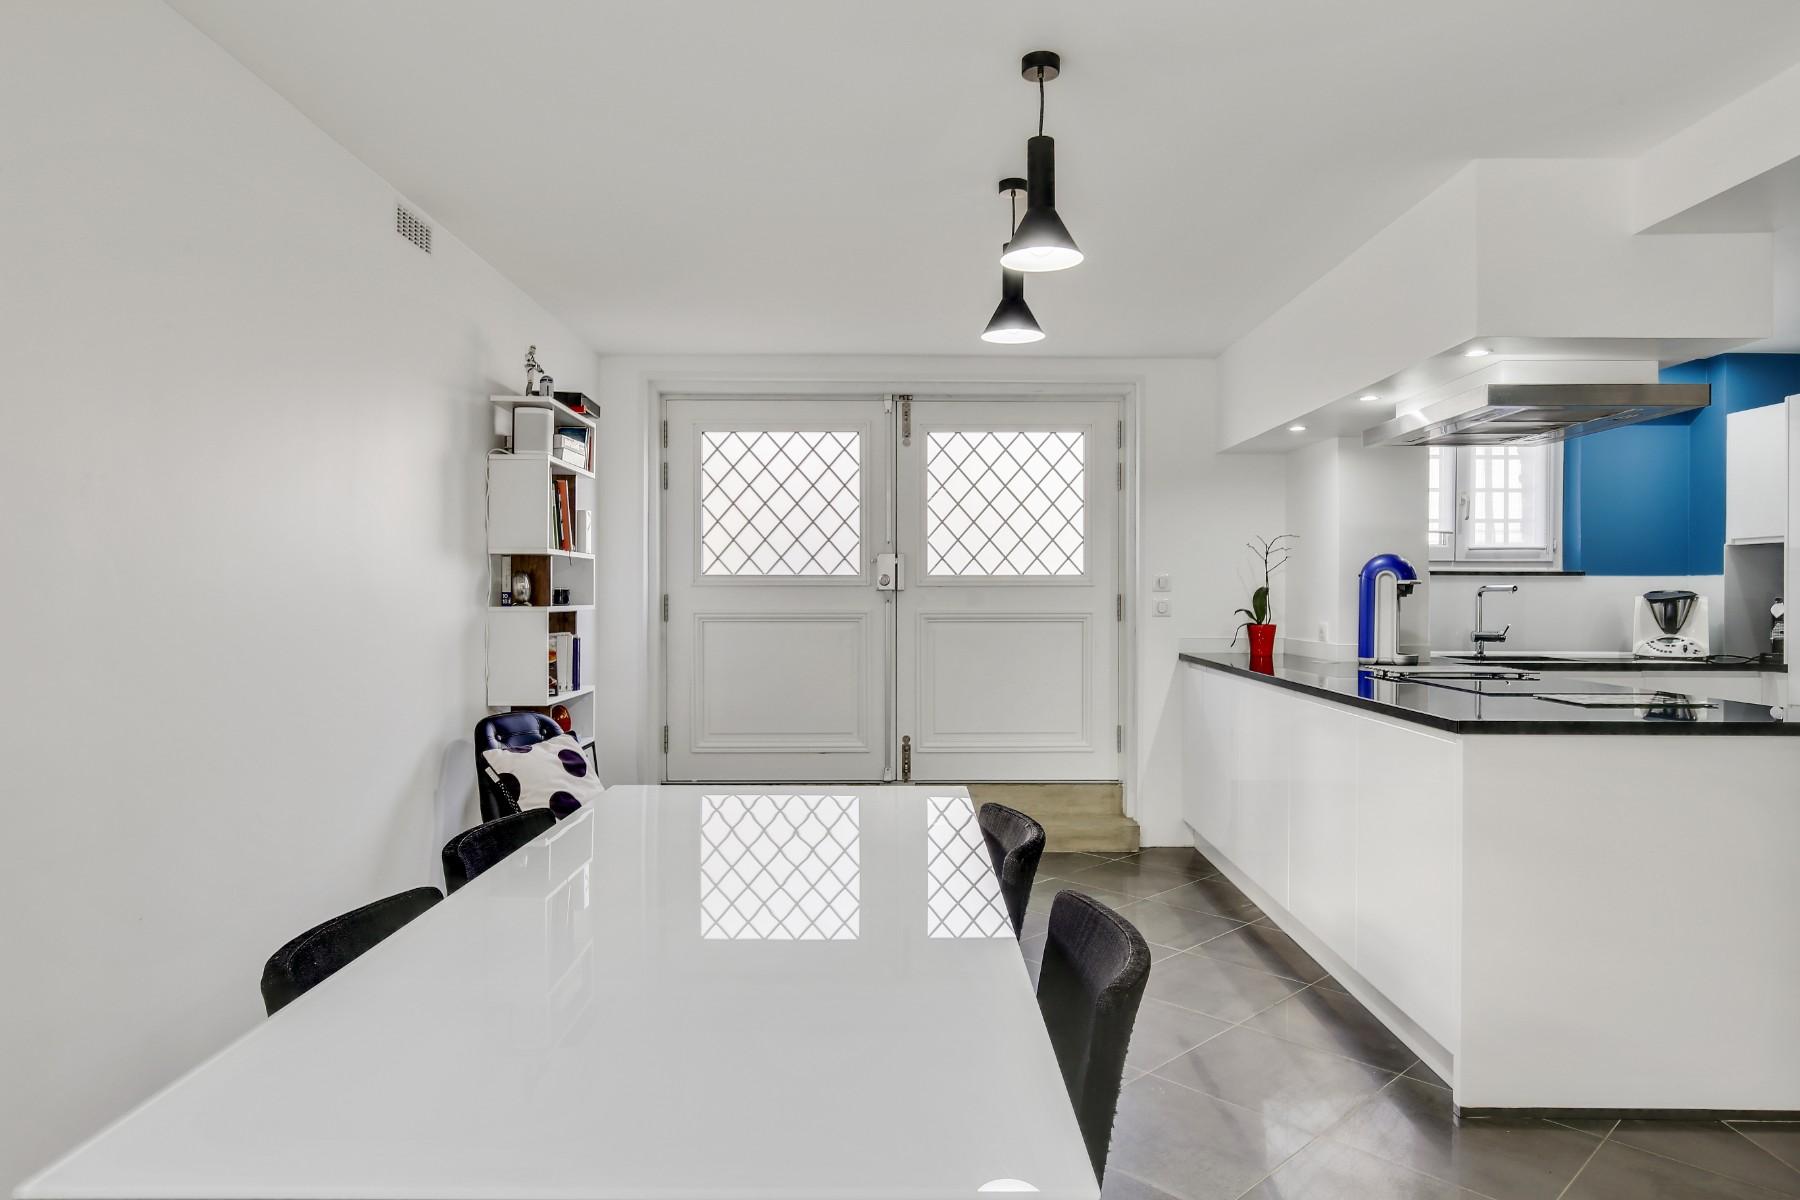 Entrée rénovée par un architecte Archibien, rénovation d'une cuisine, entrée, salon